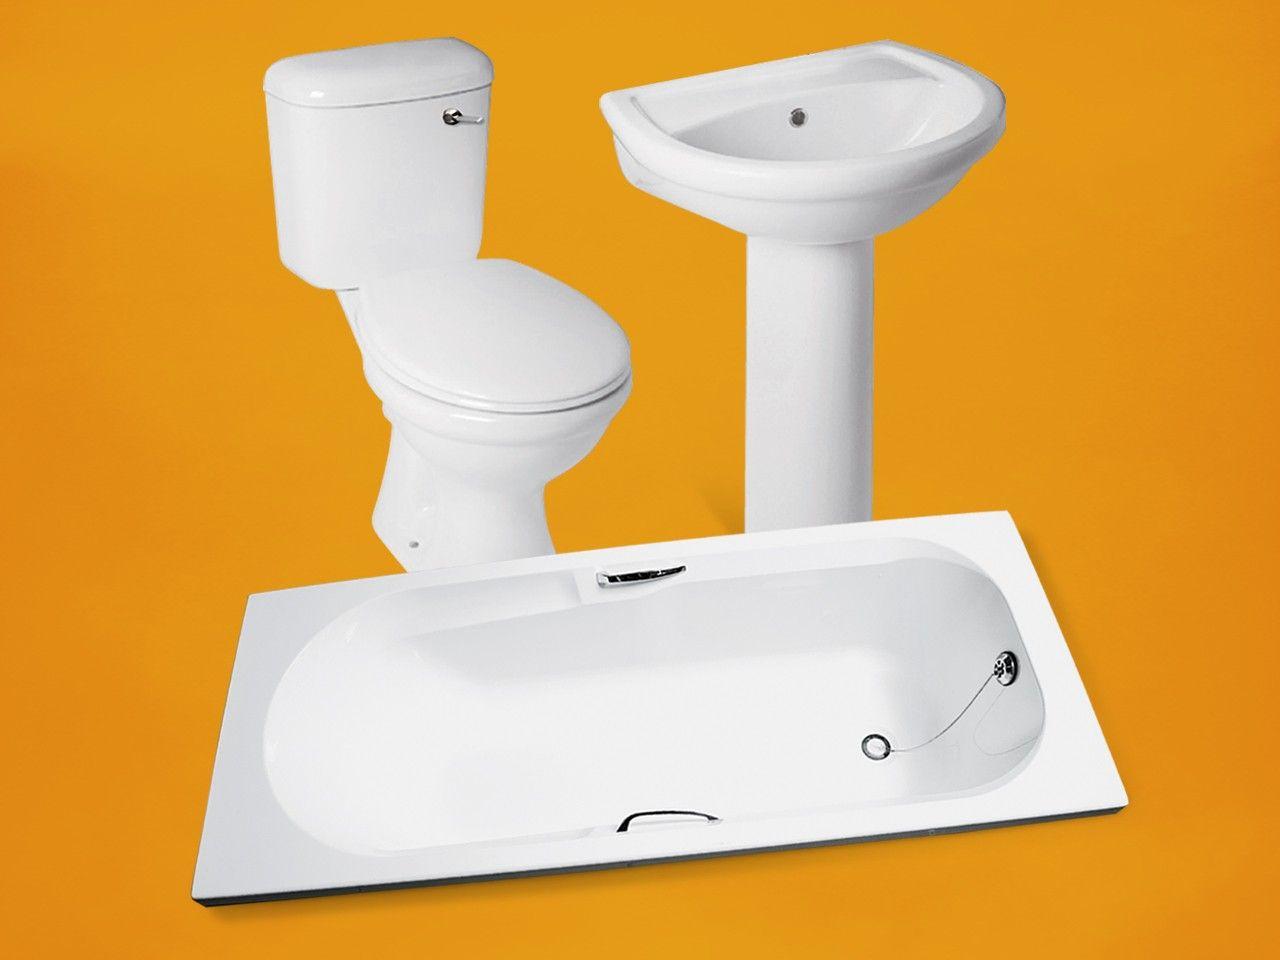 Coral Bathrrom Set Ctm Great Buy Coral Bathroom Bathroom Sets Bathroom